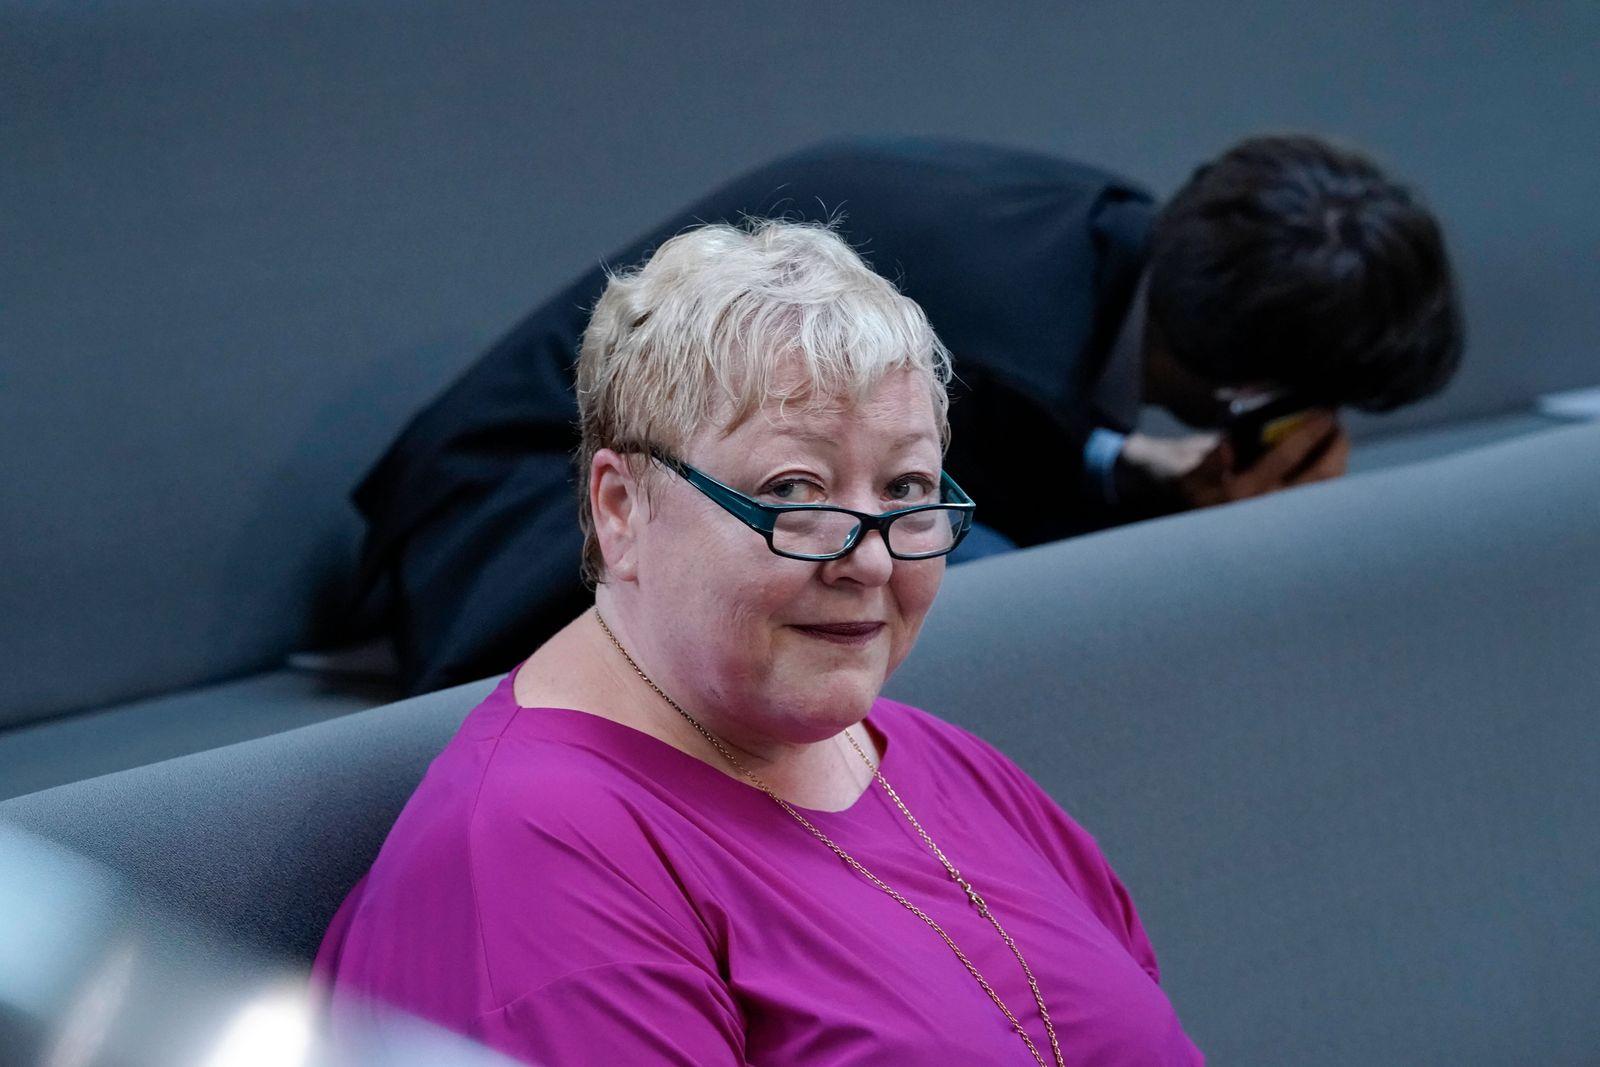 233. Bundestagssitzung Aktuell, 10.06.2021, Berlin, Evelyn Zupke im Portrait auf der Besuchertribuene zum Thema Wahl der